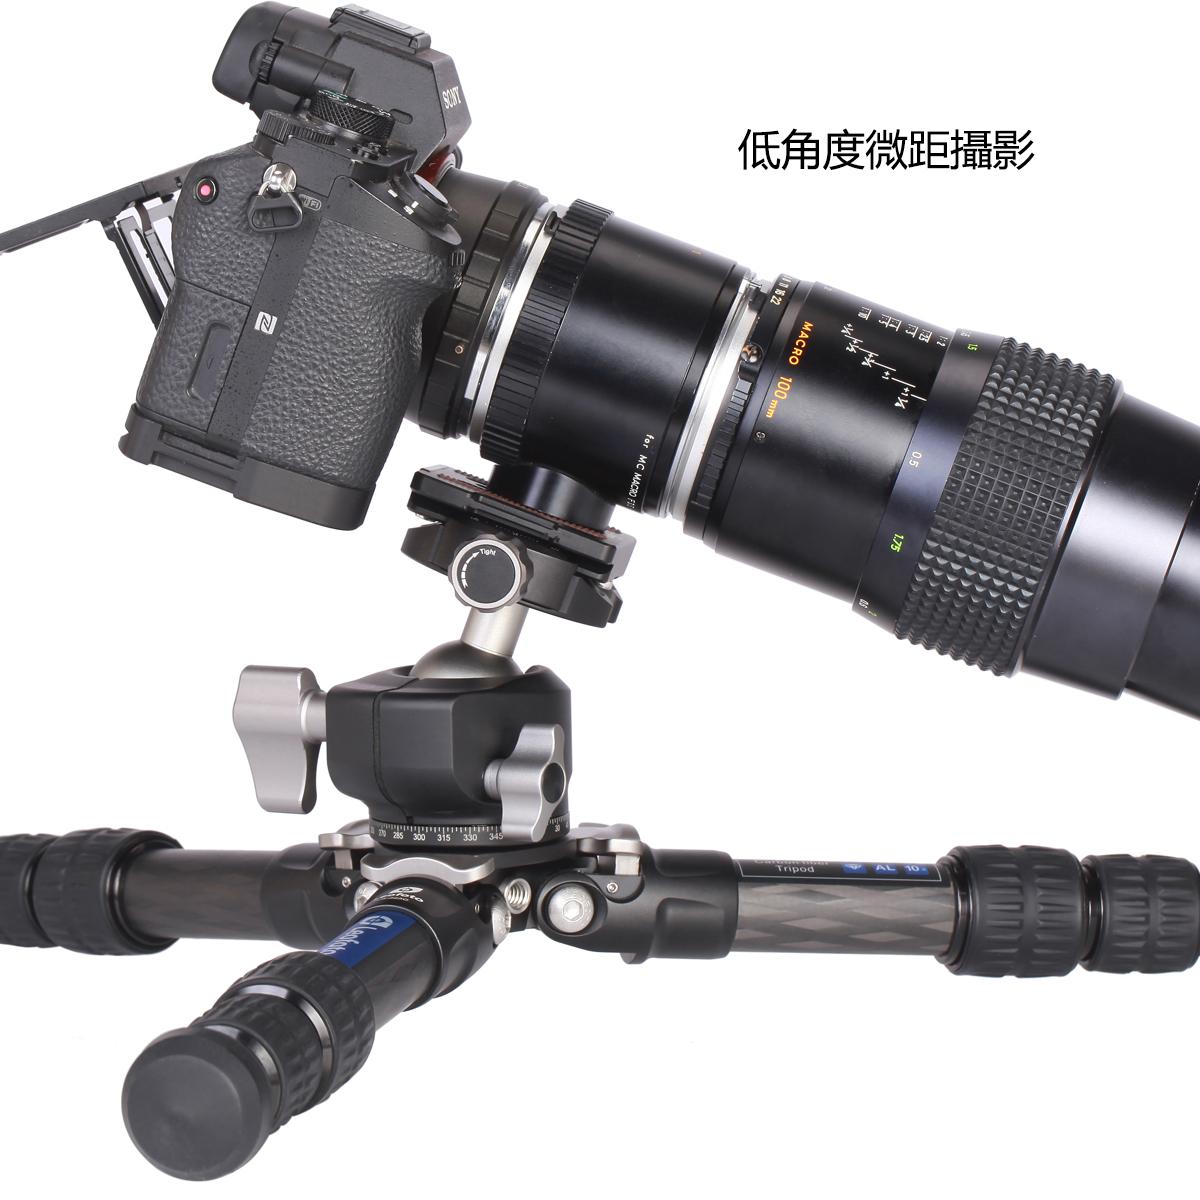 徠圖,Leofoto, LS-223C,便攜無中軸,碳纖維3節,三腳架